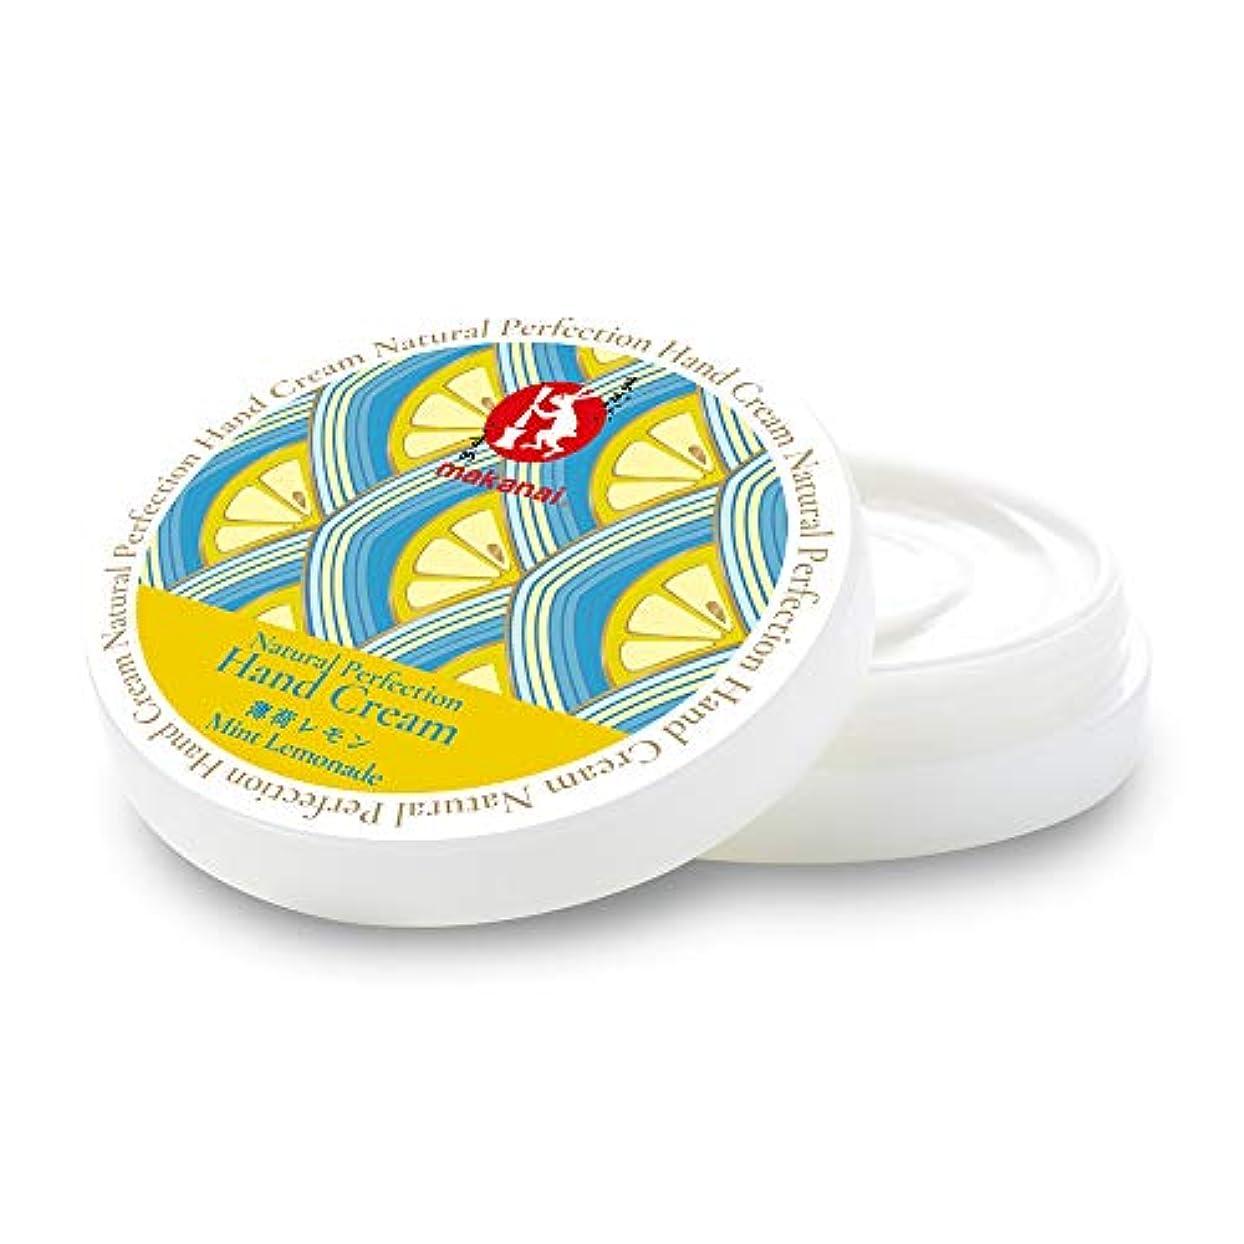 落ち着いた広くリフトまかないこすめ 絶妙レシピのハンドクリーム(薄荷レモン) 30g